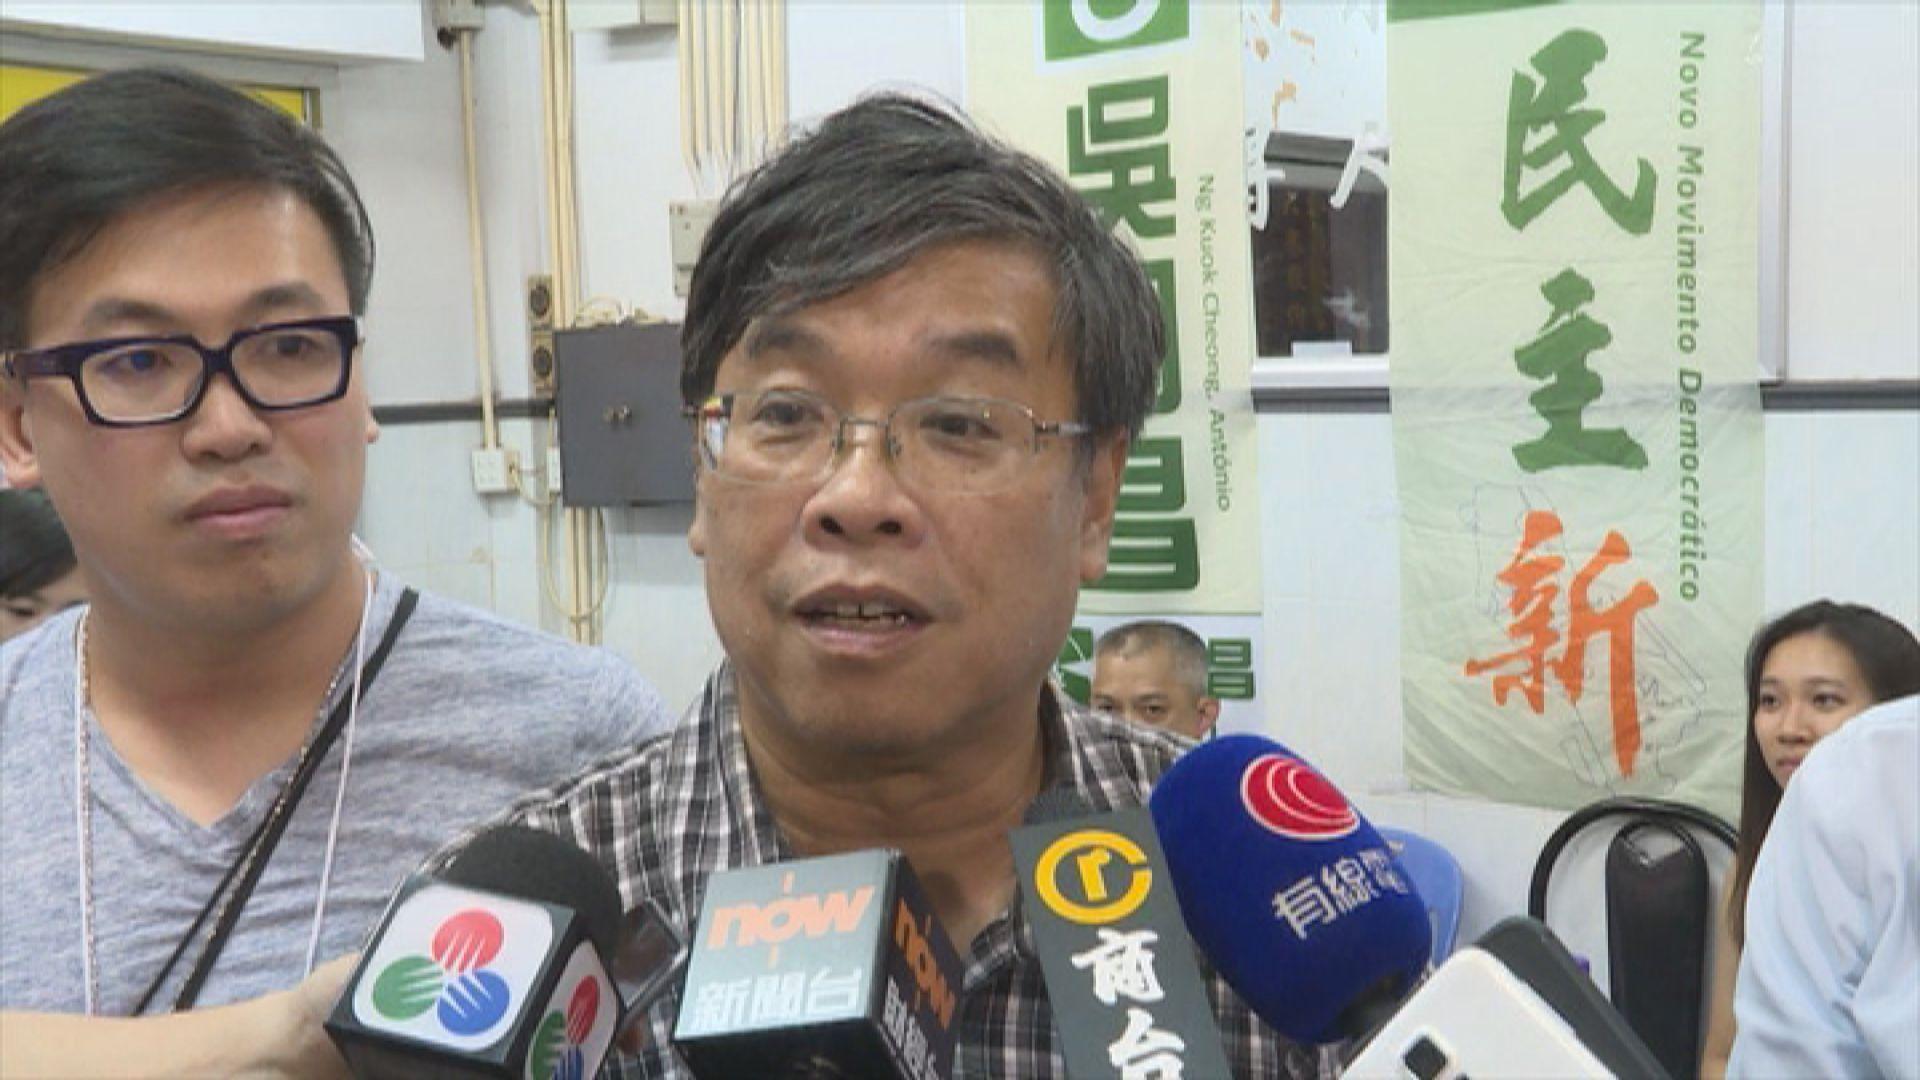 澳門立會選舉21人被裁定不具參選資格 包括現任議員蘇嘉豪吳國昌